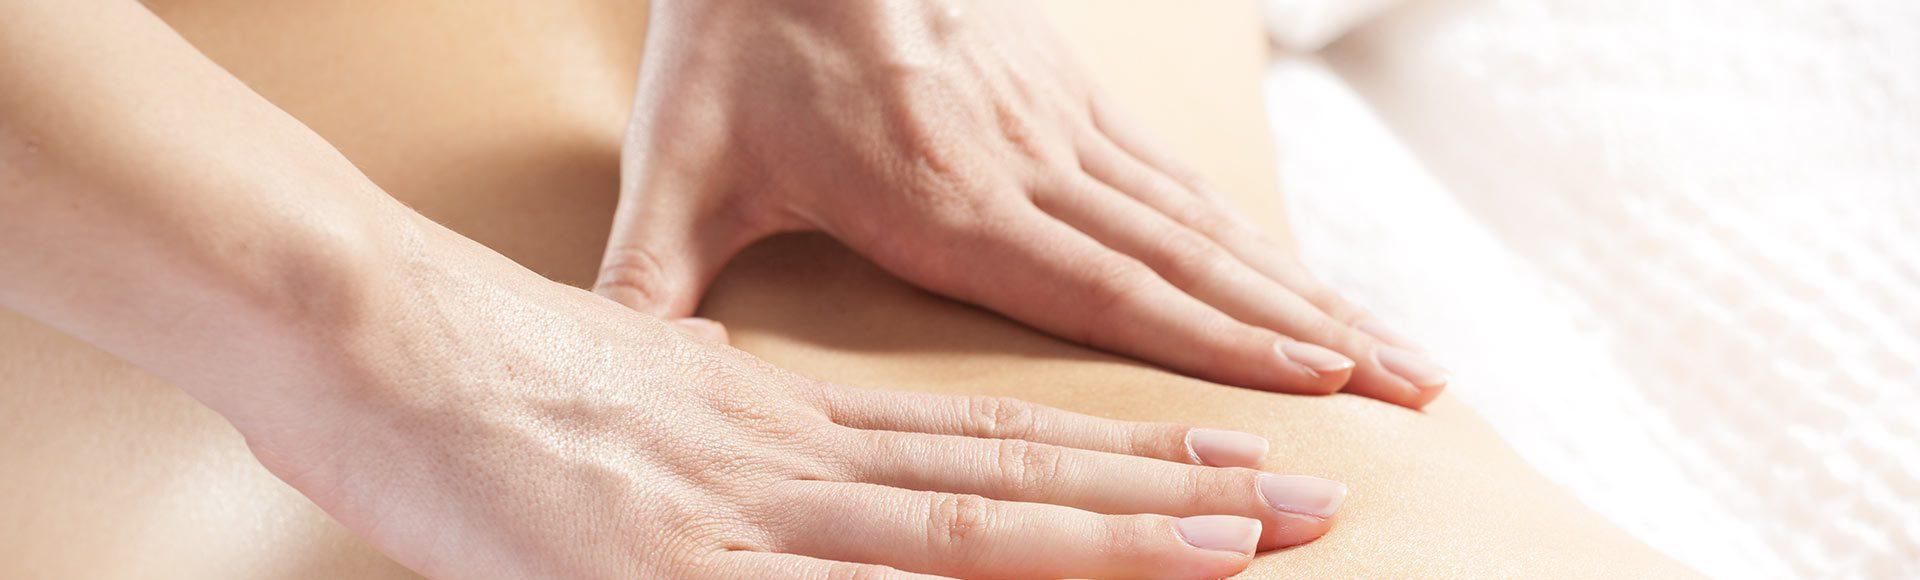 Gesundheit Massage Shutterstock 1